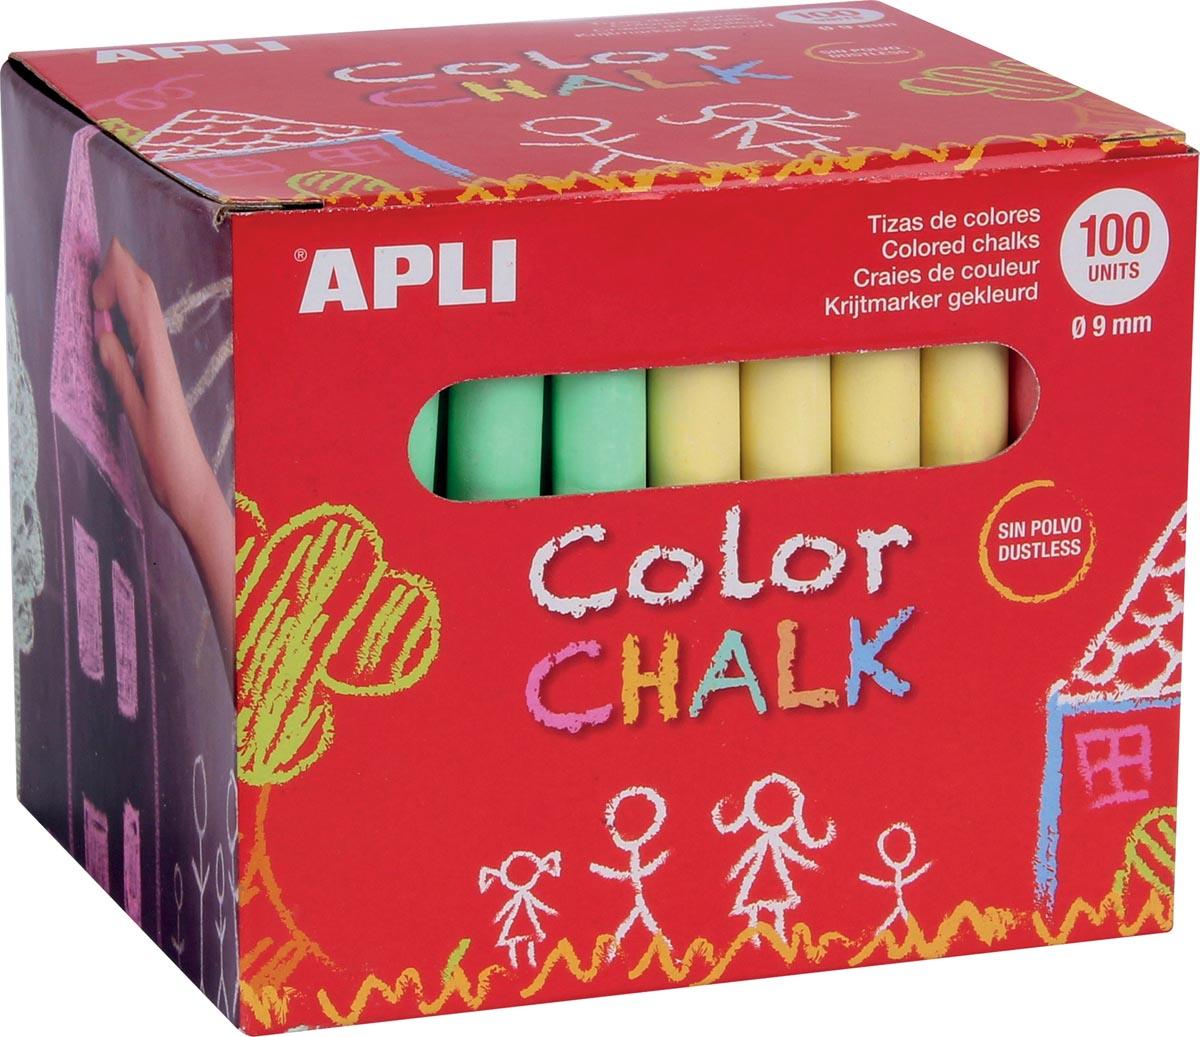 Apli gekleurd krijt, doos met 100 krijtjes in geassorteerde kleuren